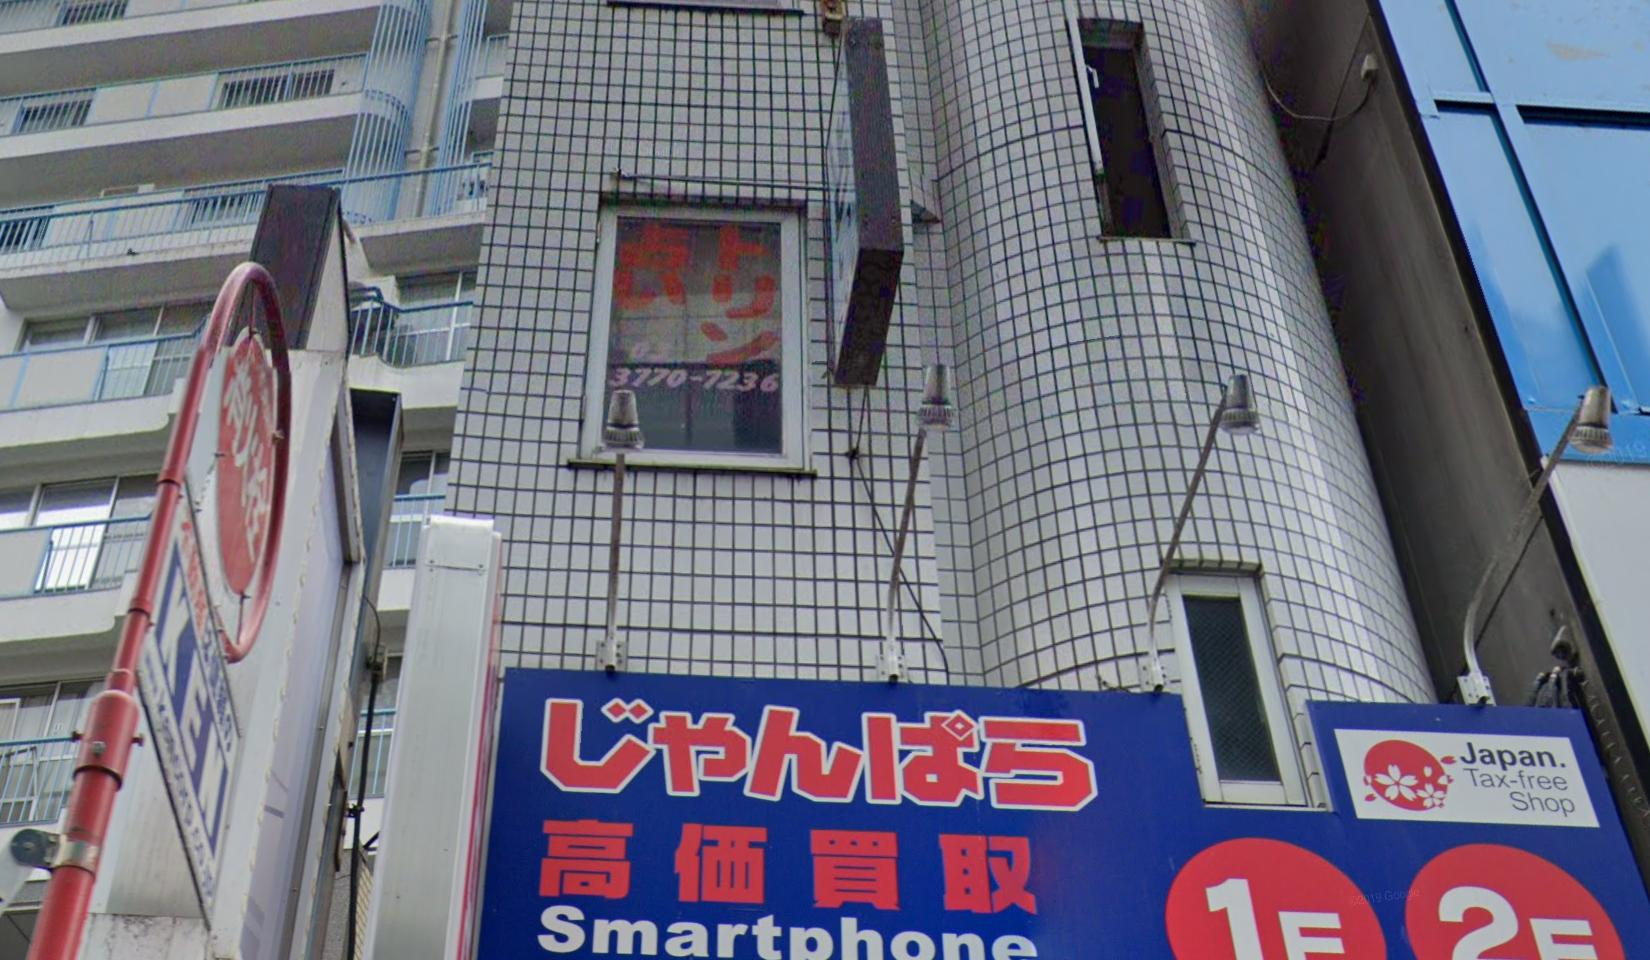 東京占い 当たる予約なし「フォーチュンカフェ トリン」